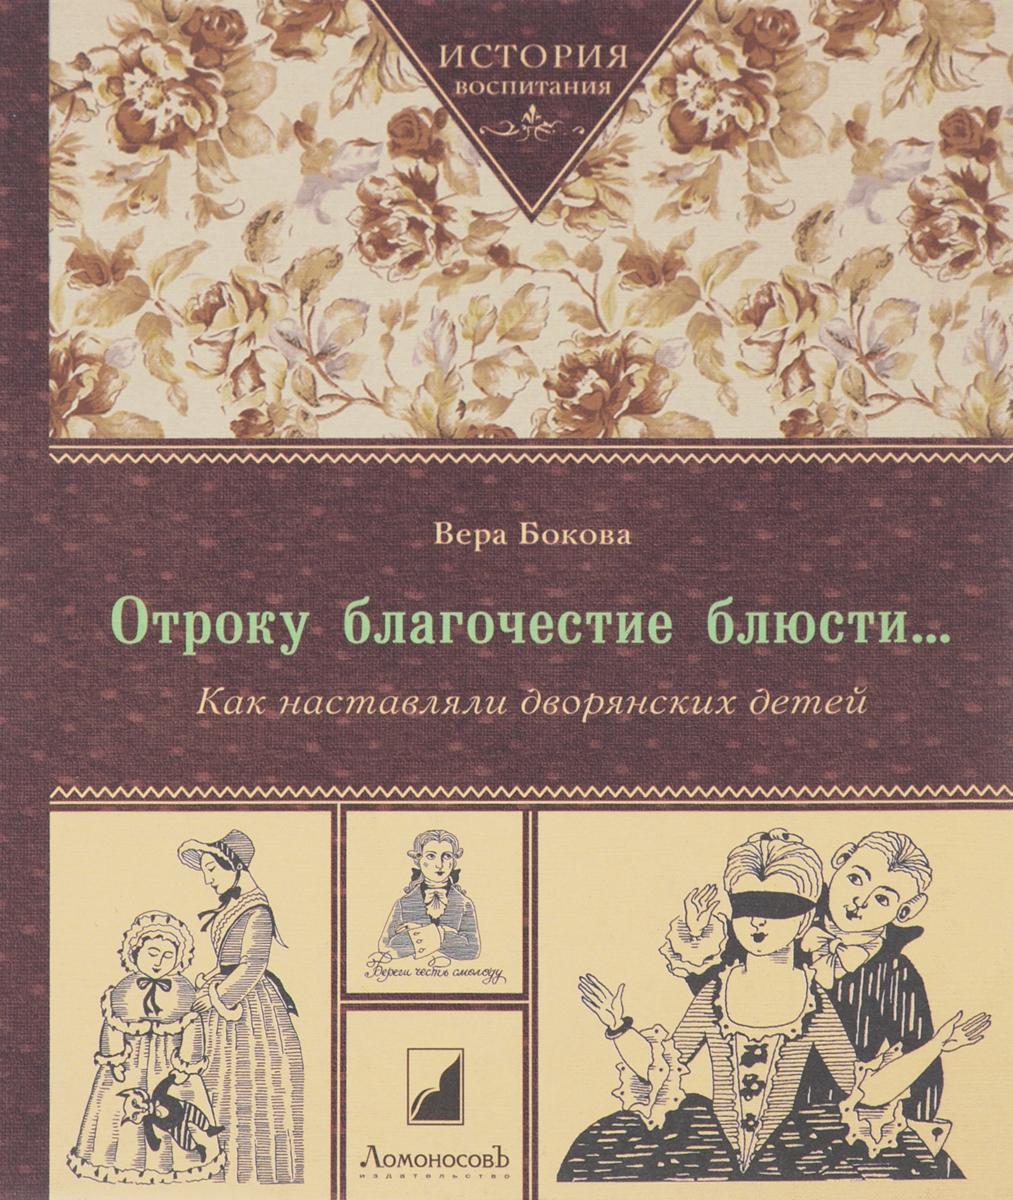 Отроку благочестие блюсти... Как наставляли дворянских детей. Вера Бокова